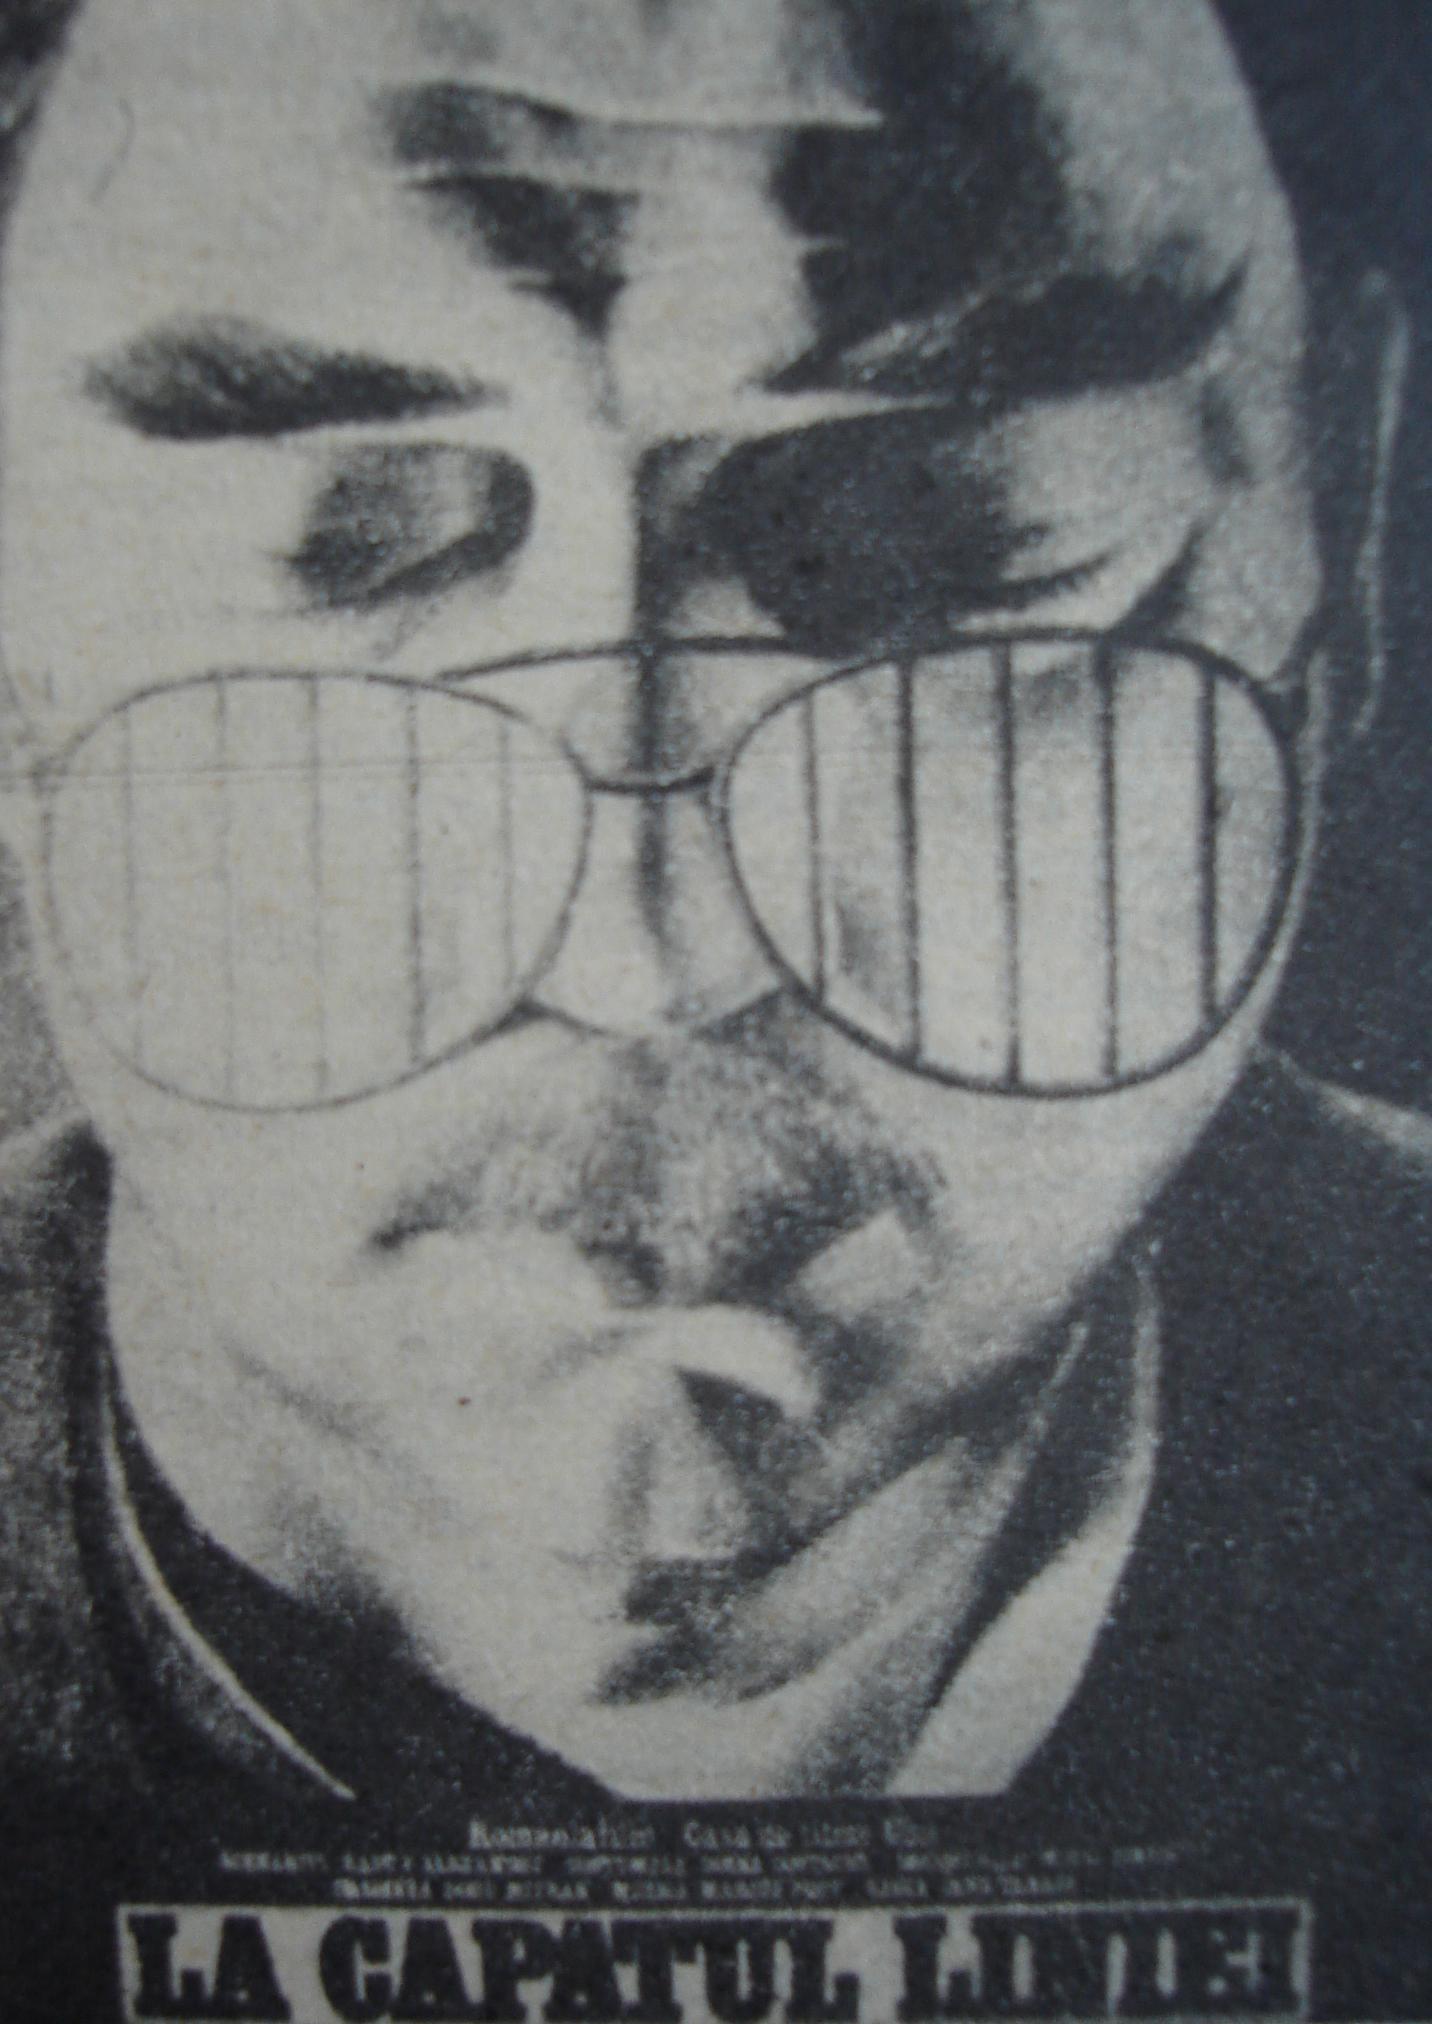 La capătul liniei (1982) - Photo